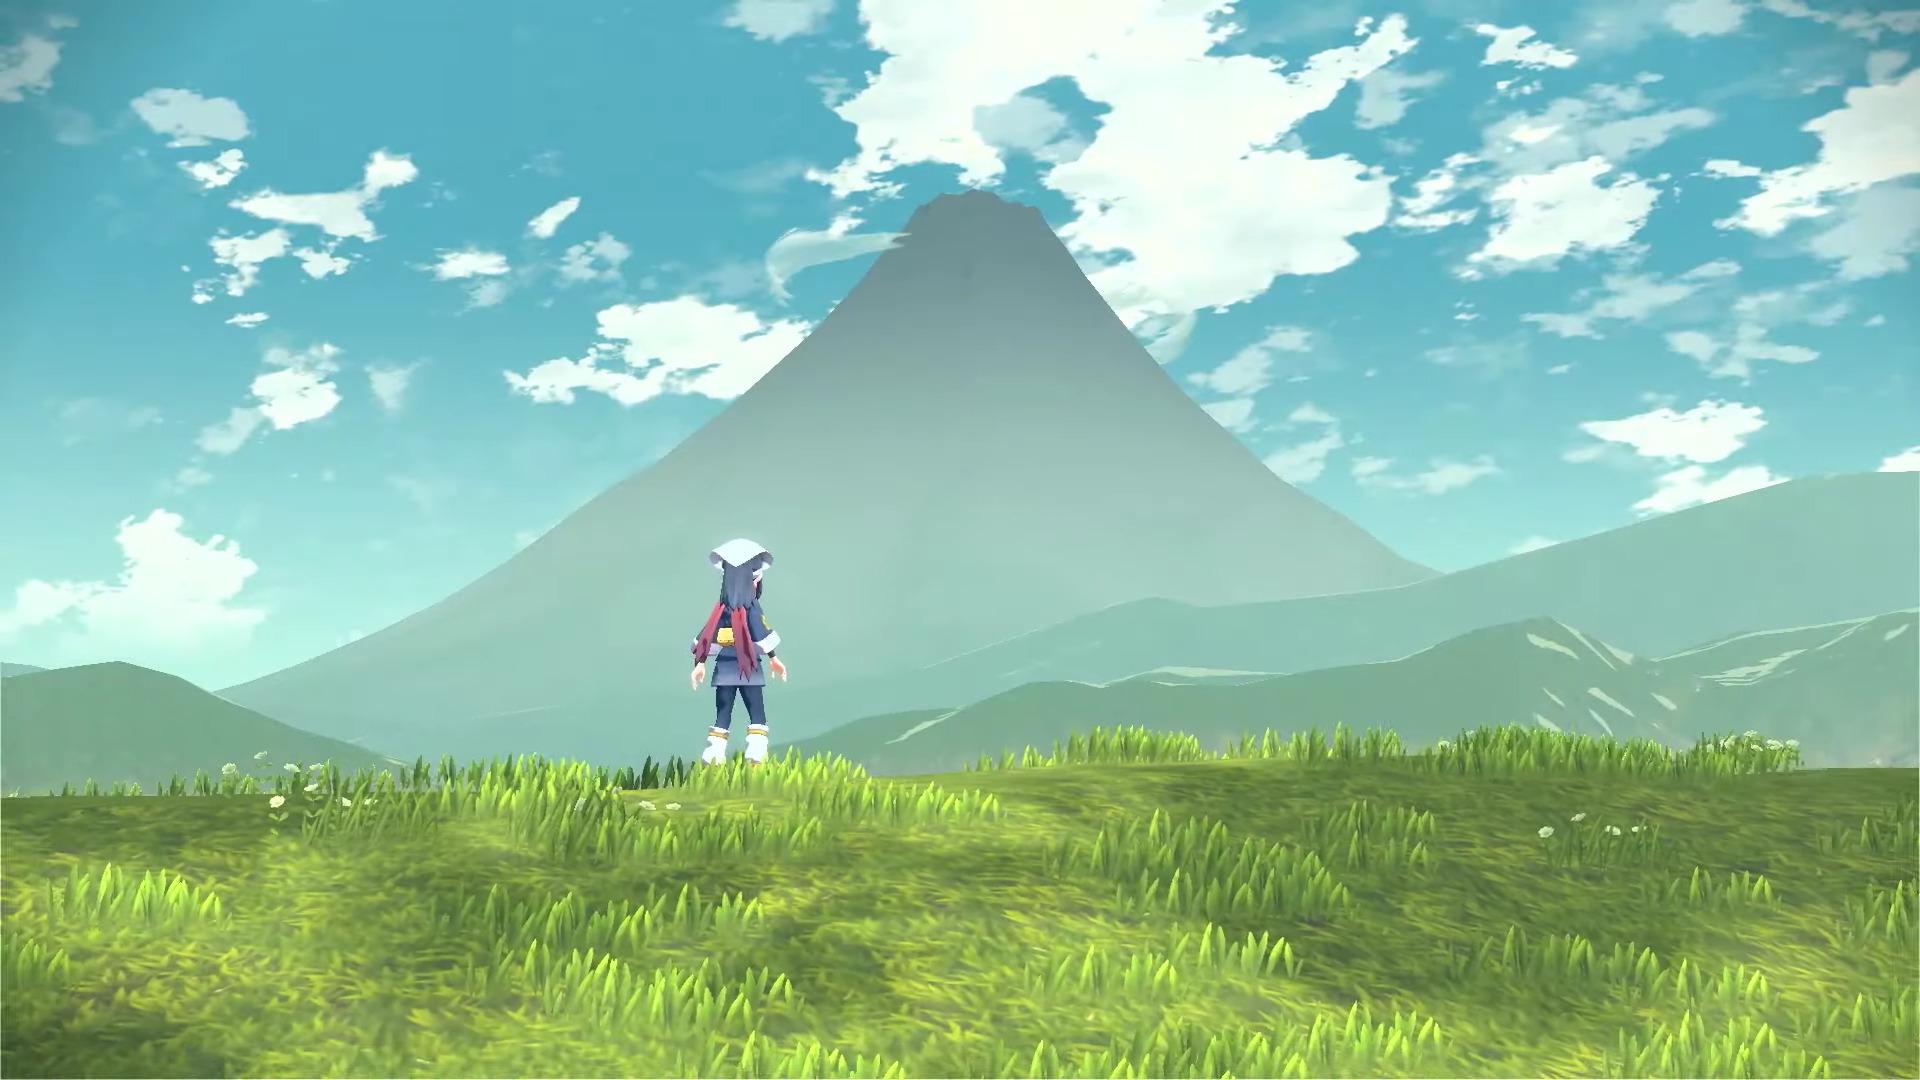 Pokémon Presents Leggende Arceus